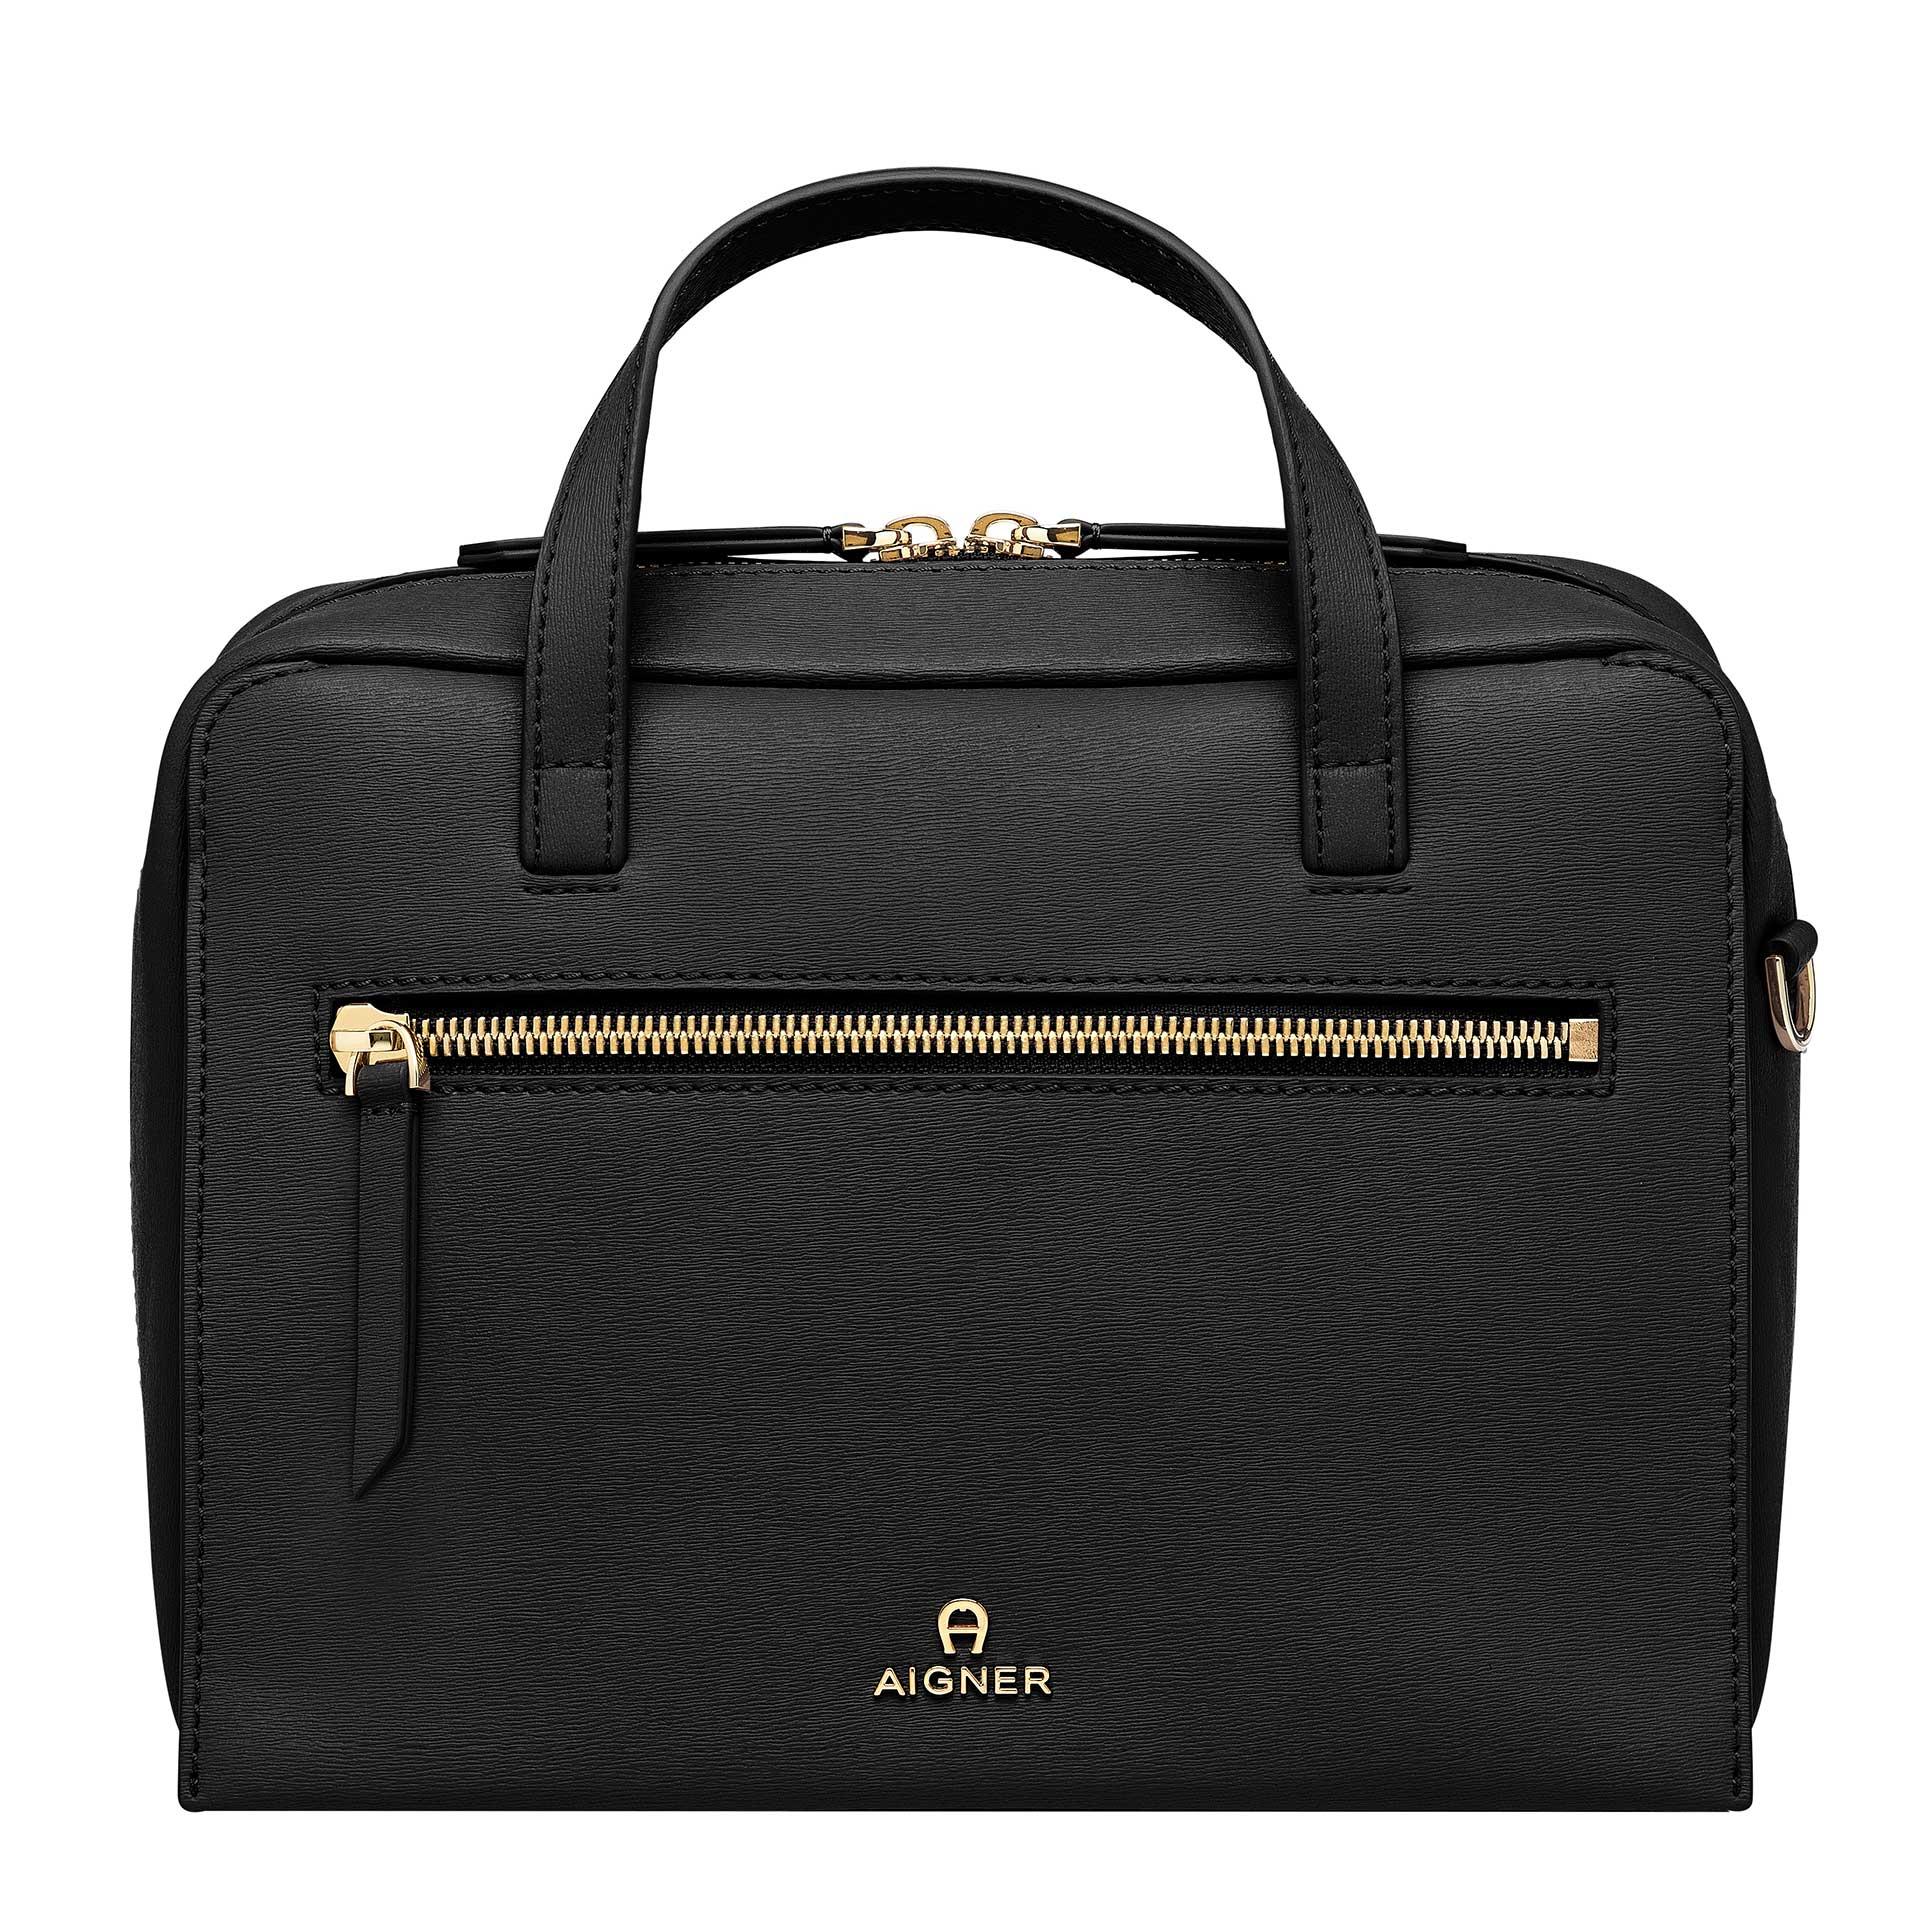 Aigner Pisa Handtasche M black